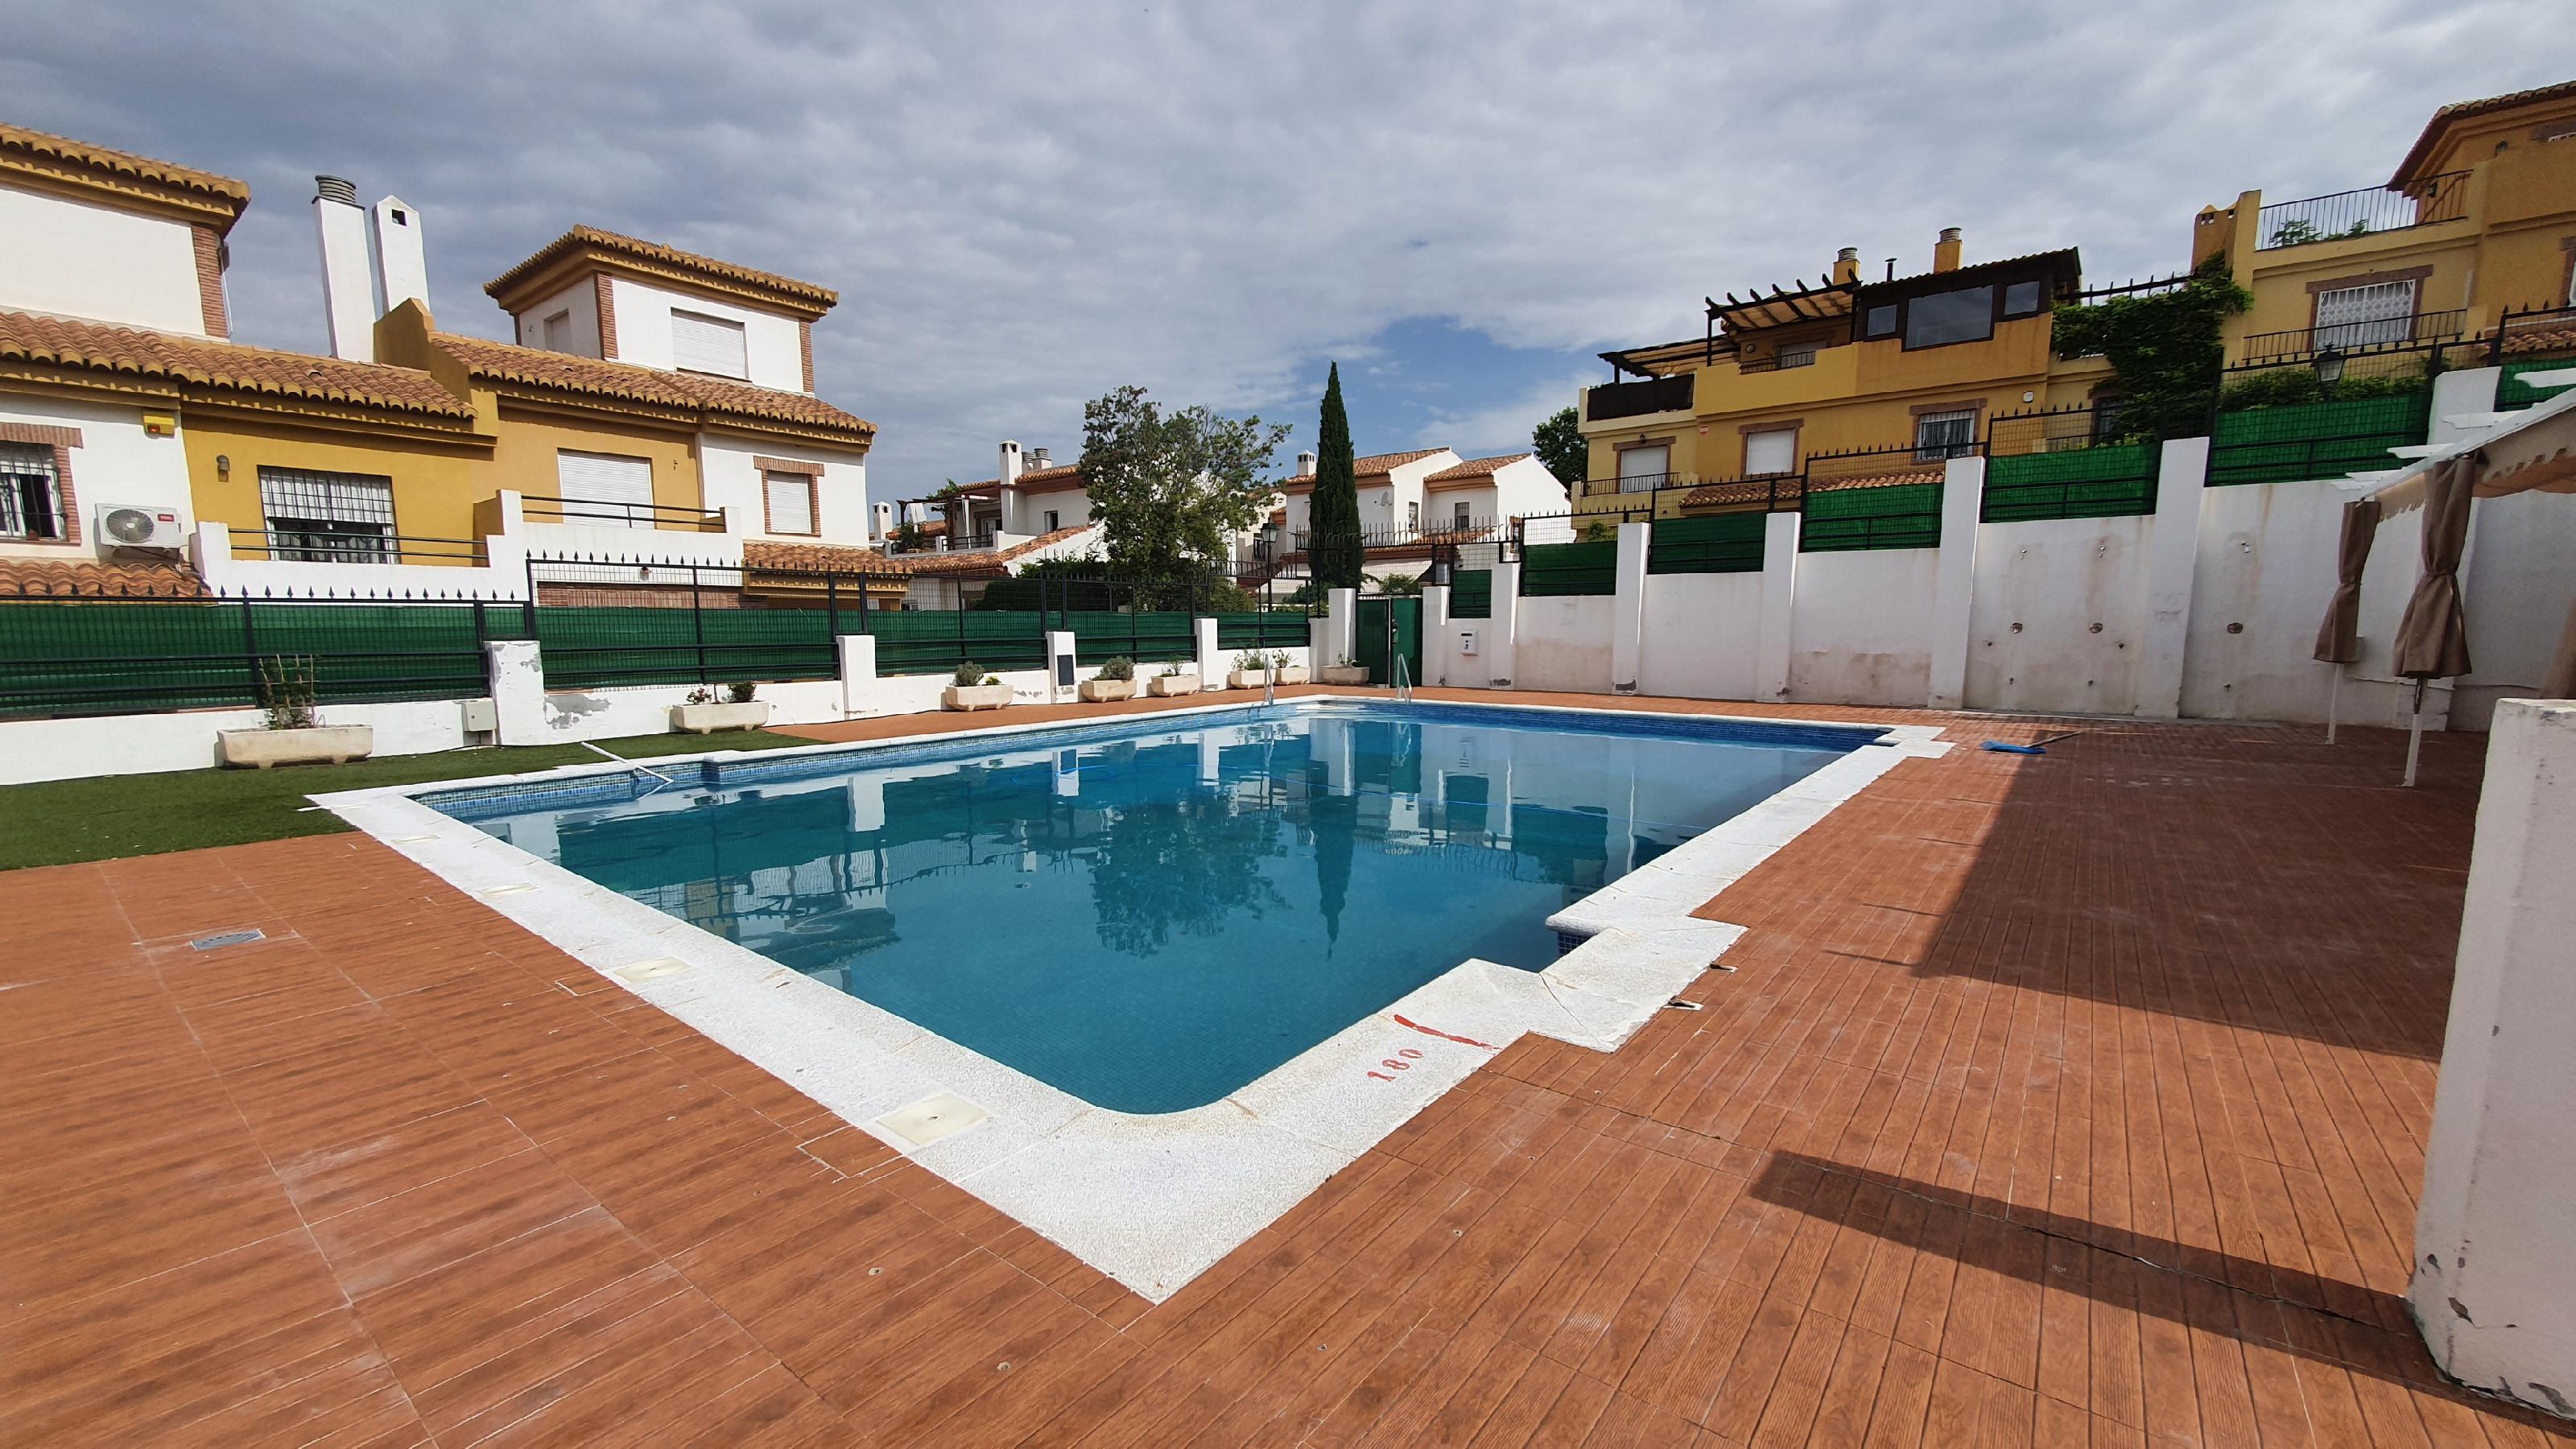 Imagen 1 Casa Adosada en alquiler en Granada / Zona alta del Albayzín.